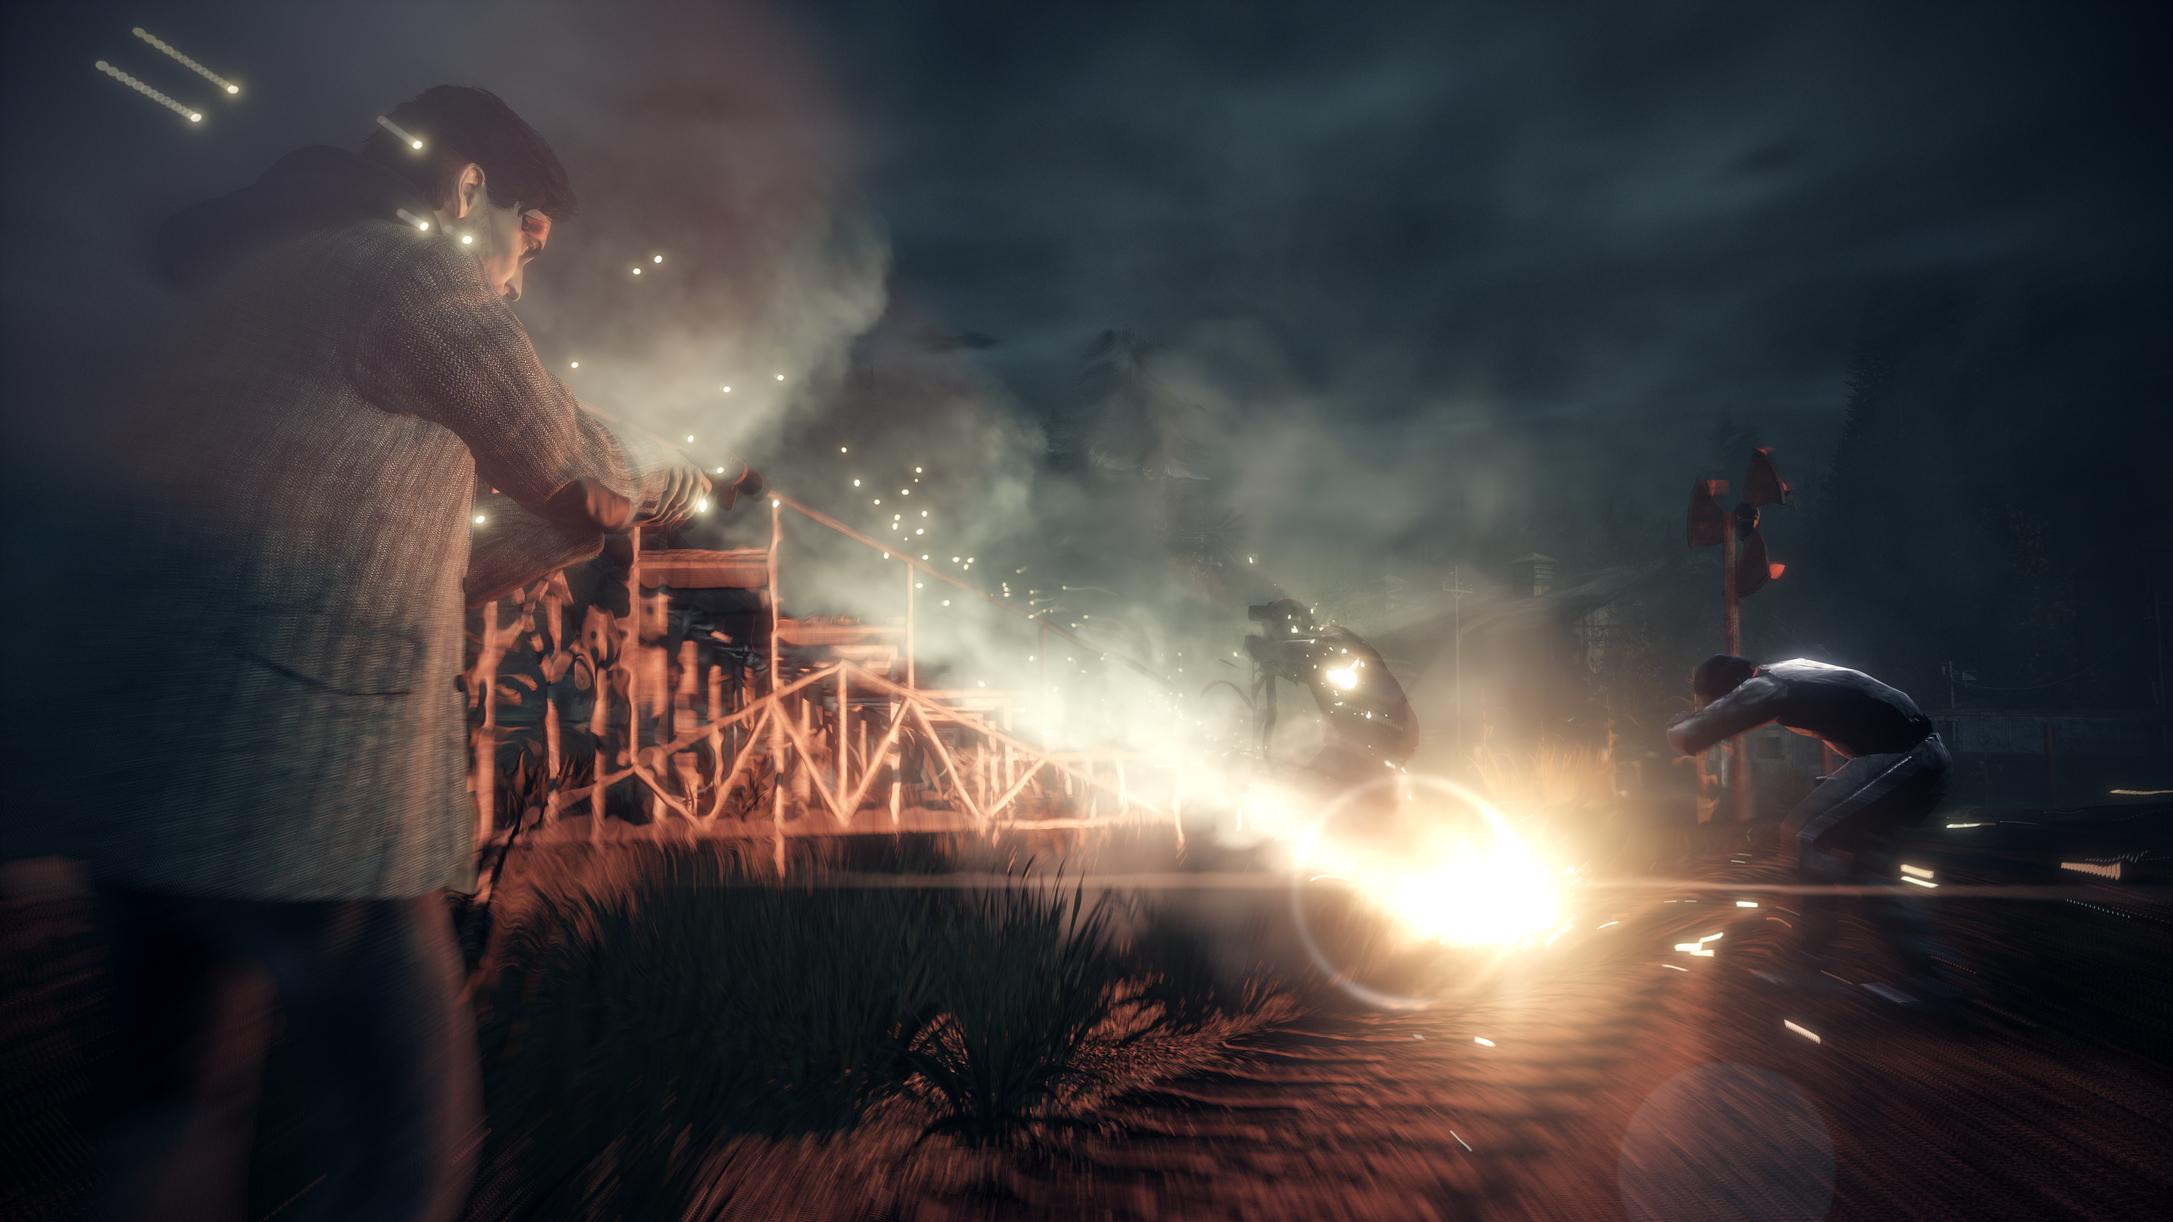 Alan Wake Remastered flare gun